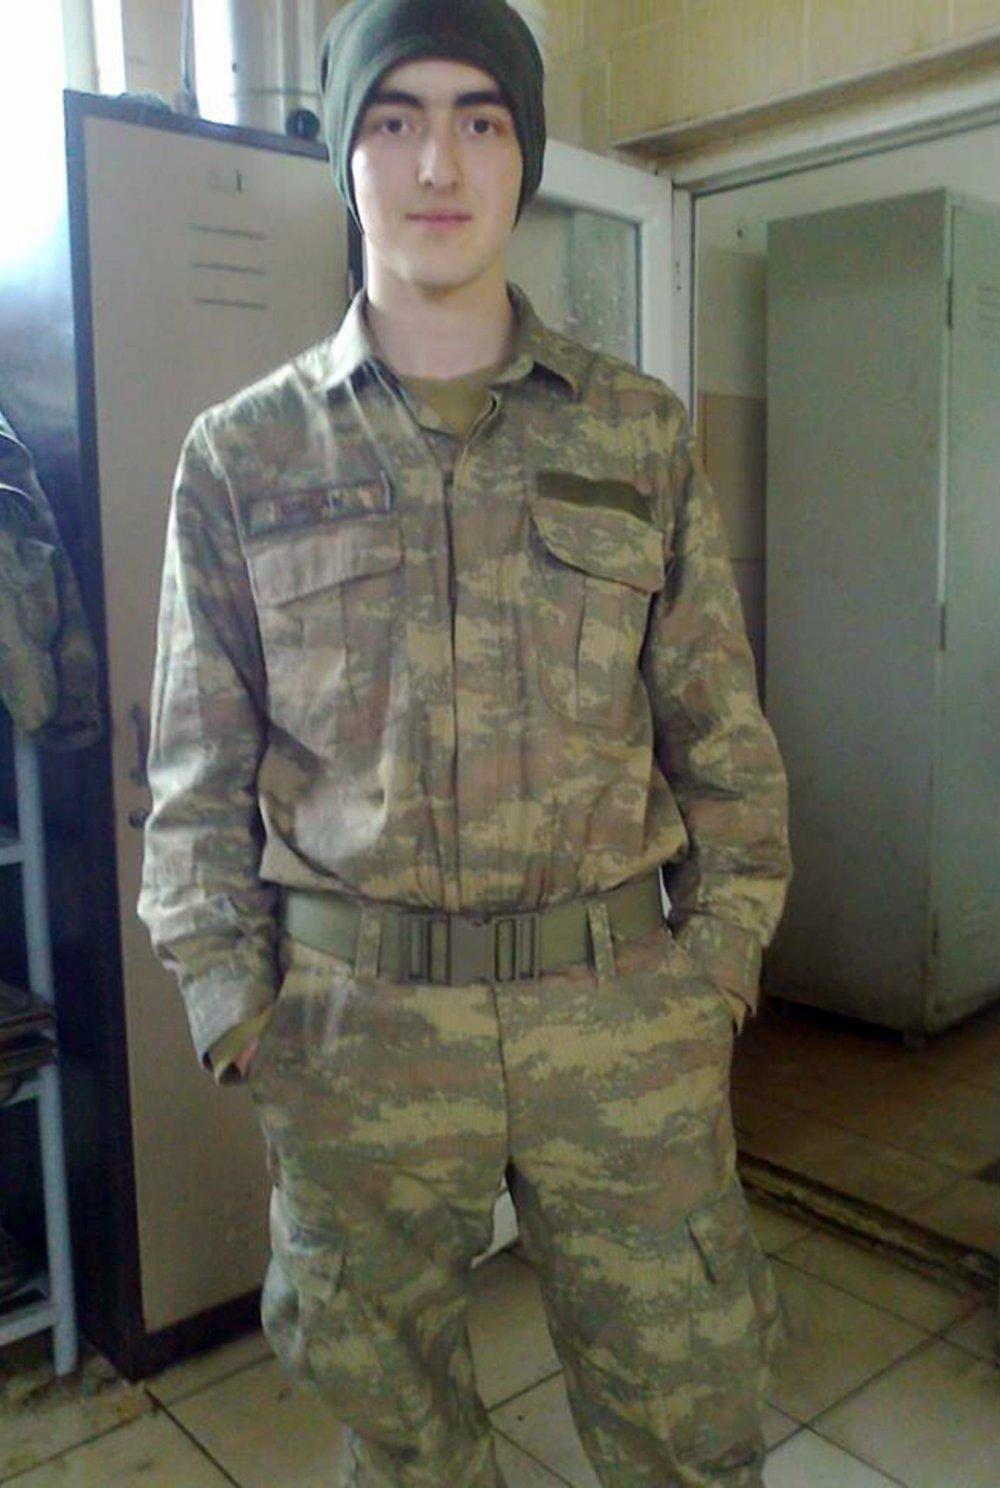 Askerden gelen gencin şüpheli ölümü